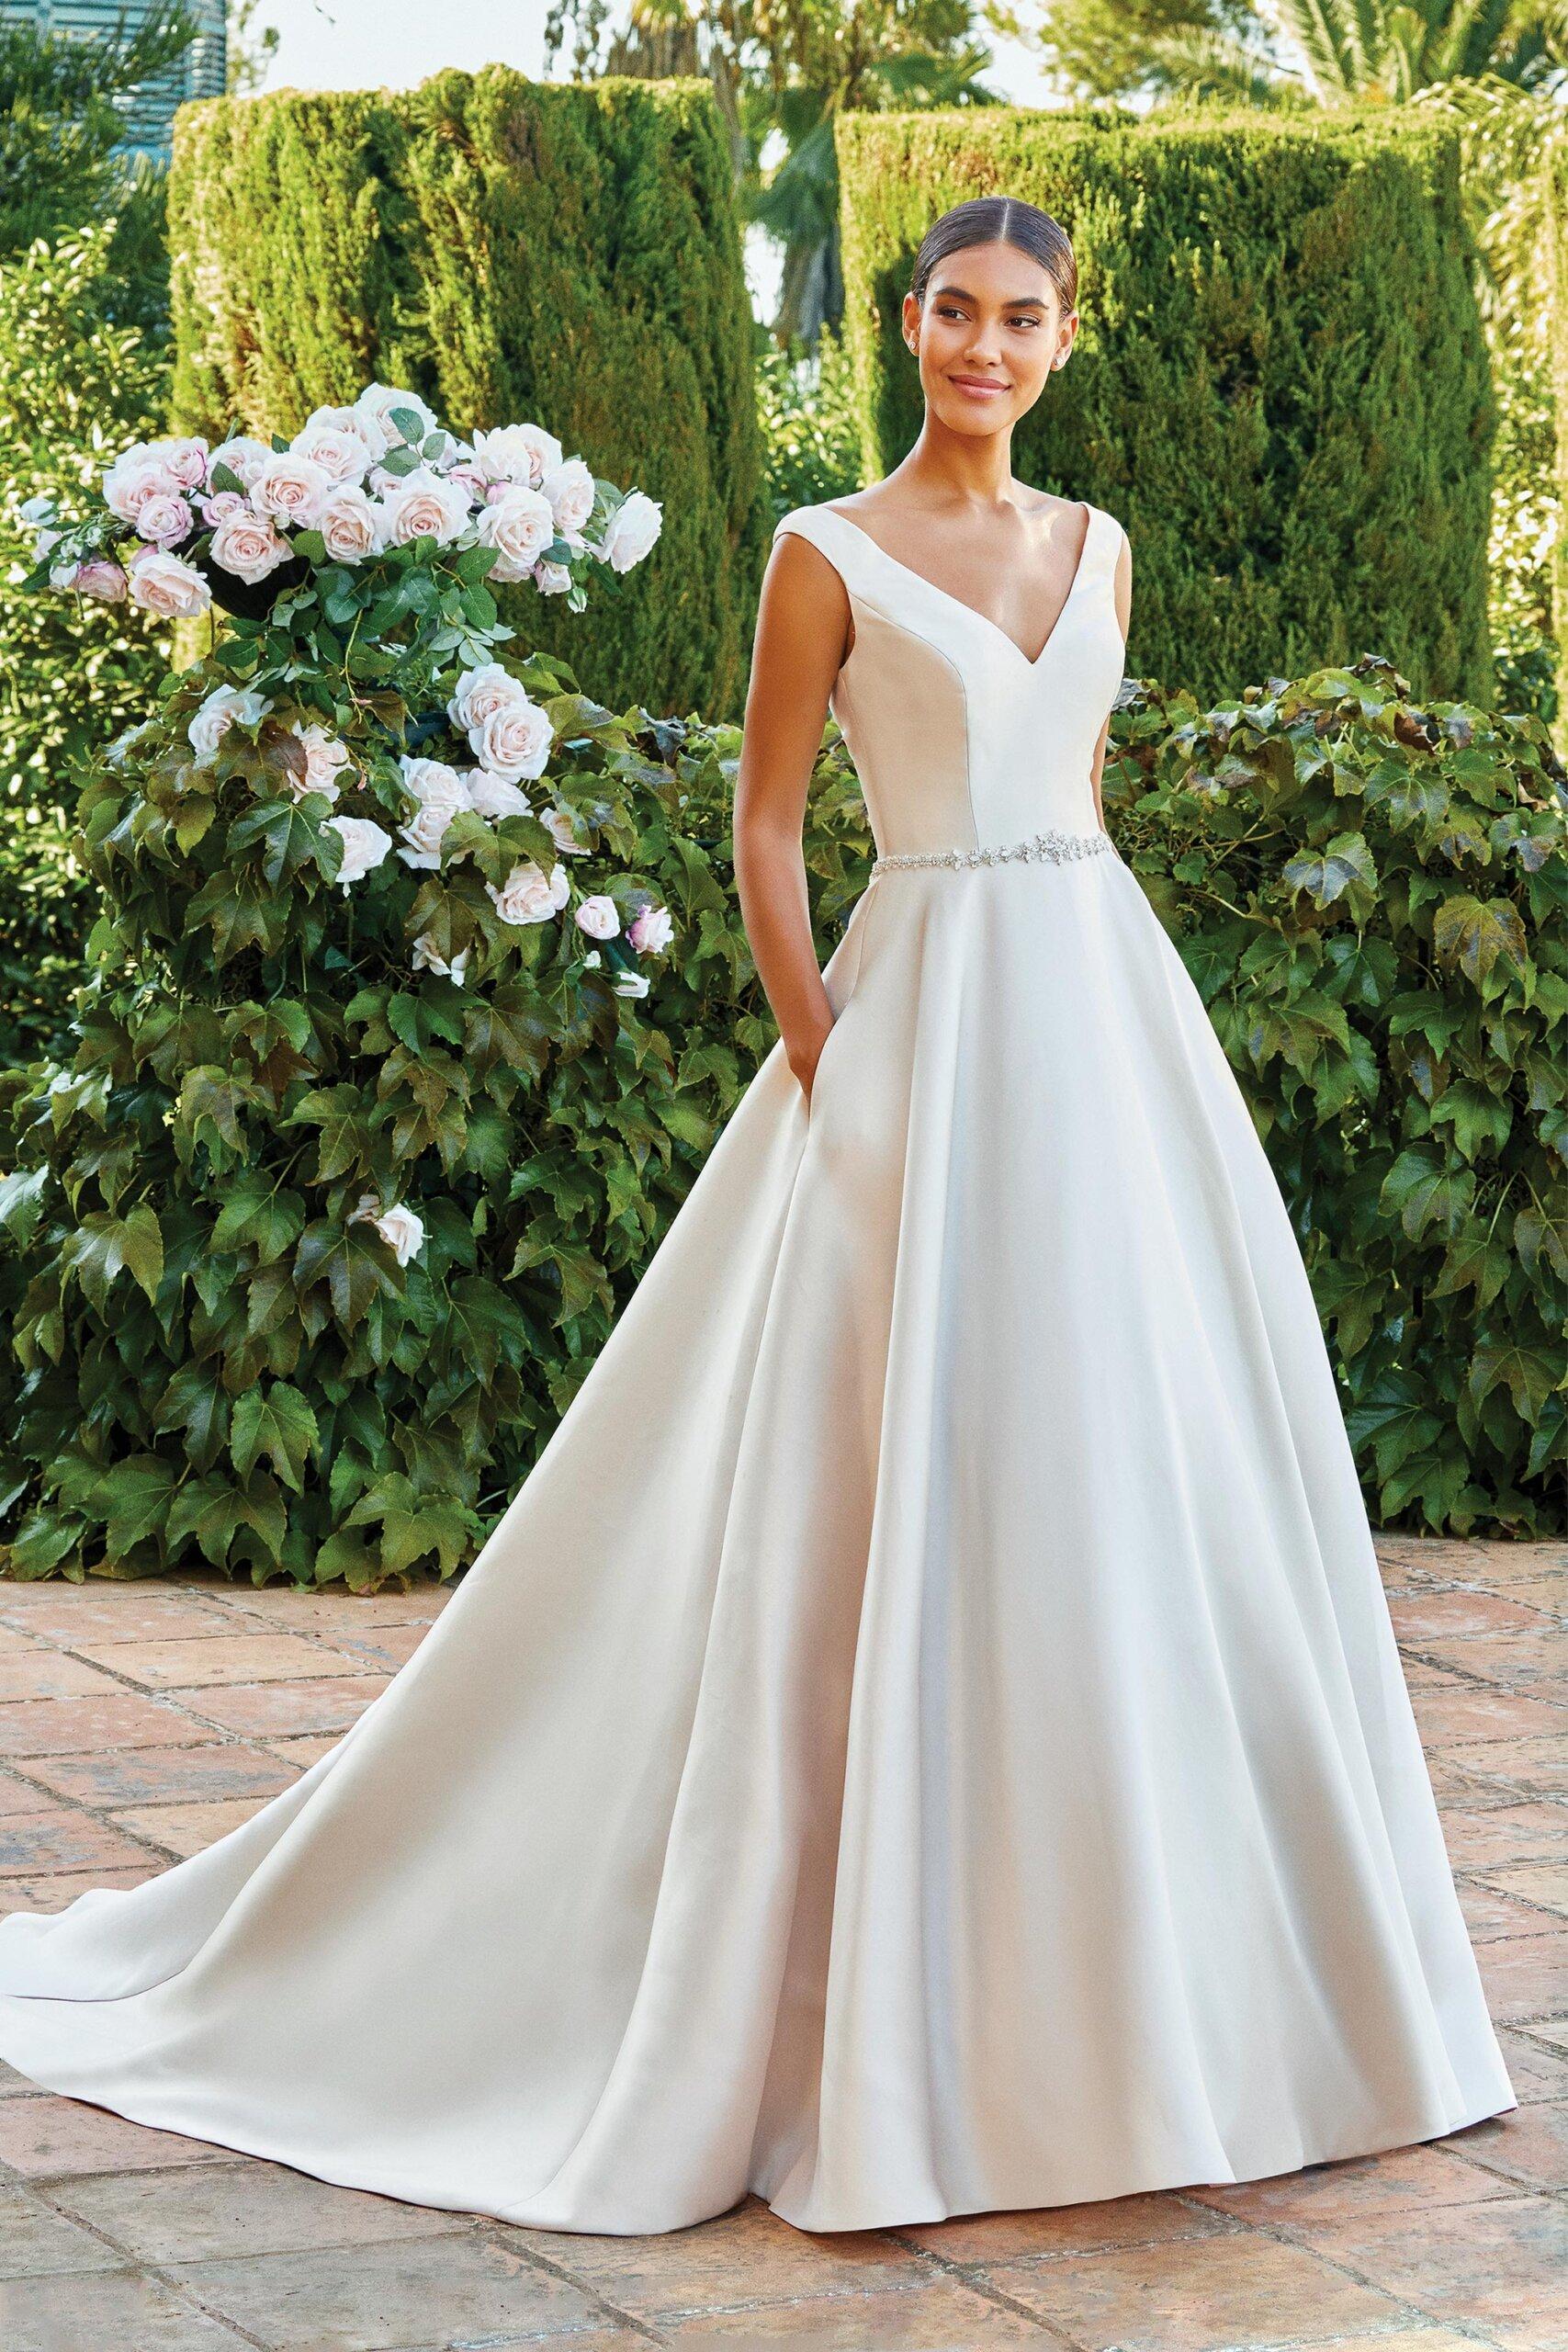 44220_FF_Sincerity-Bridal